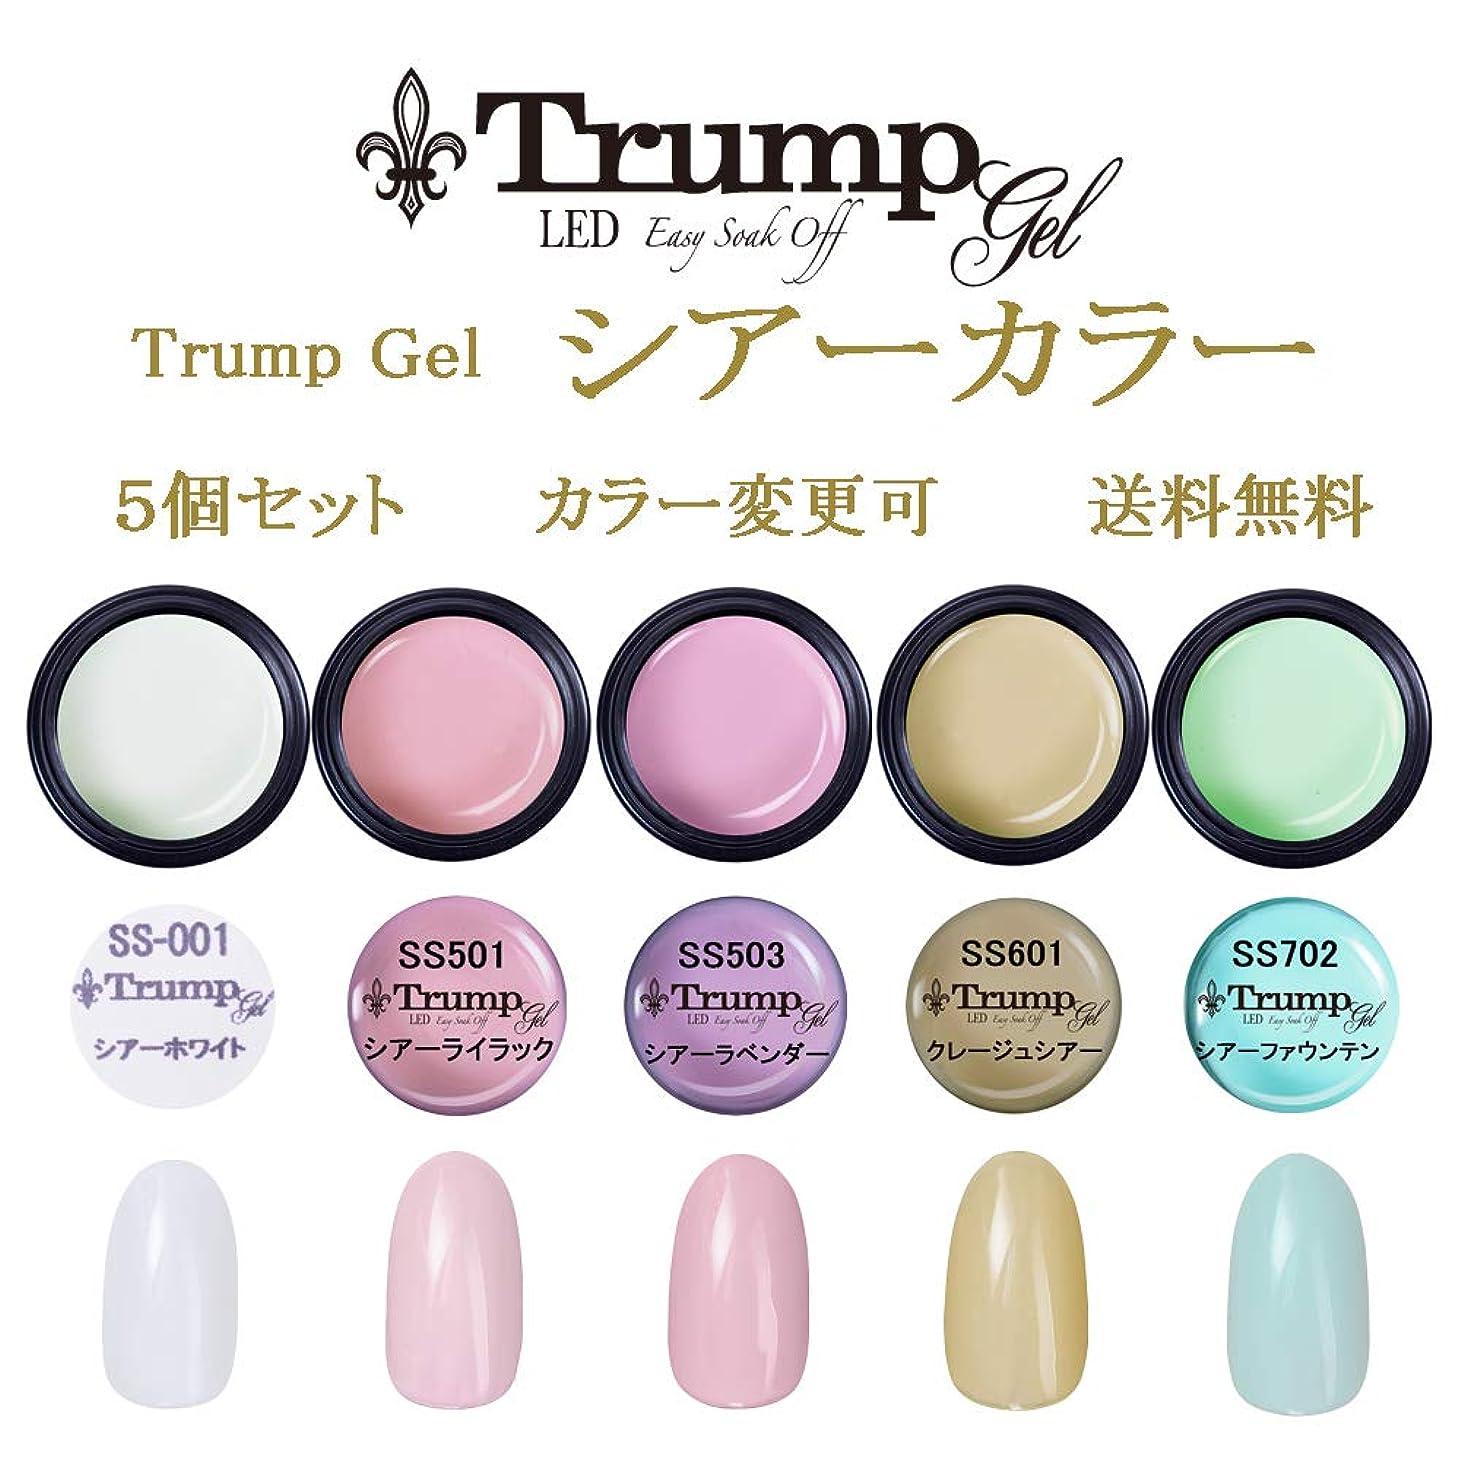 溶けるびんせせらぎ日本製 Trump gel トランプジェル シアー カラージェル 選べる 5個セット ホワイト ピンク パープル イエロー ブルー